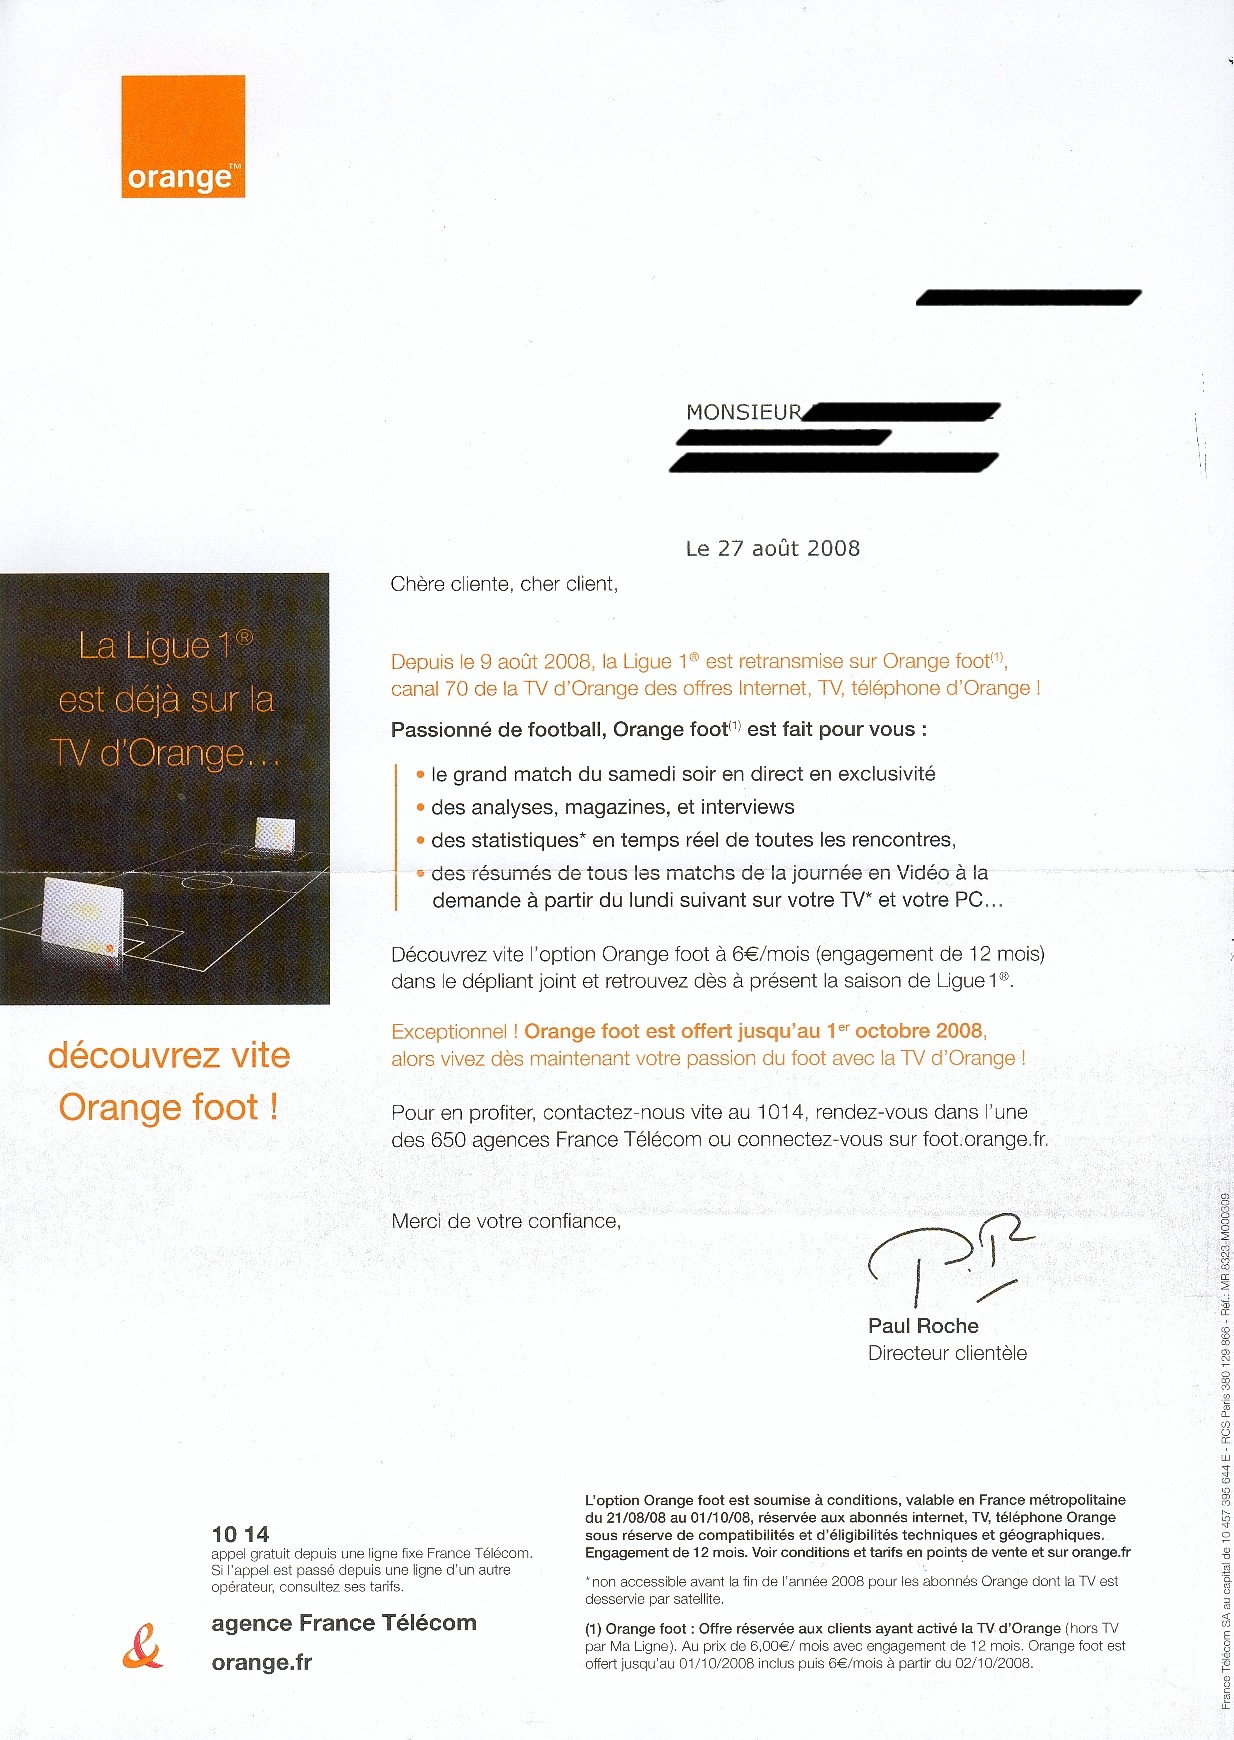 orange foot des publipostages pour recruter les abonn s. Black Bedroom Furniture Sets. Home Design Ideas